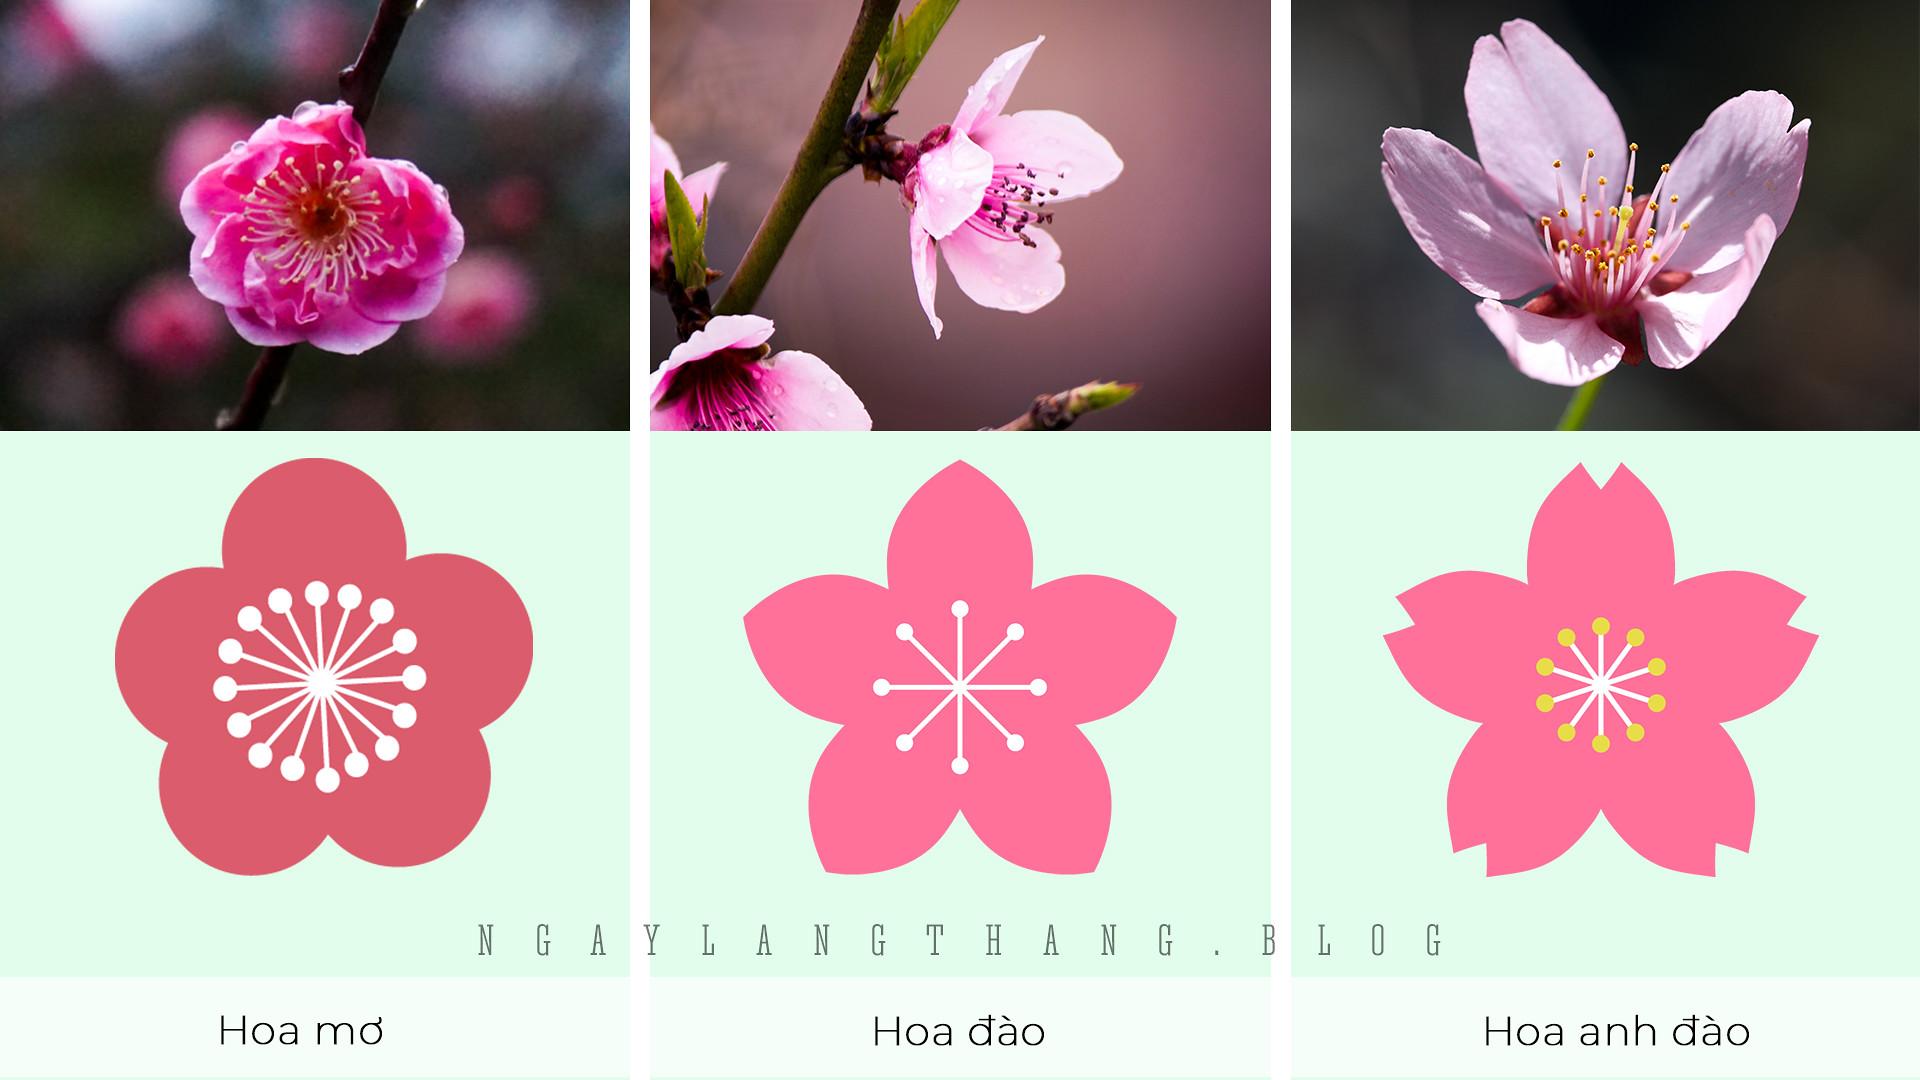 hoa mơ, hoa đào, hoa anh đào